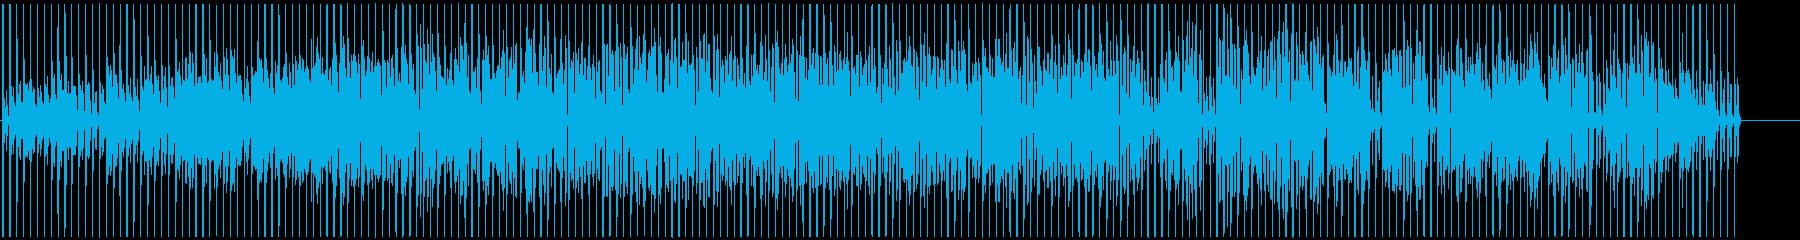 気になる。クレイジー。の再生済みの波形